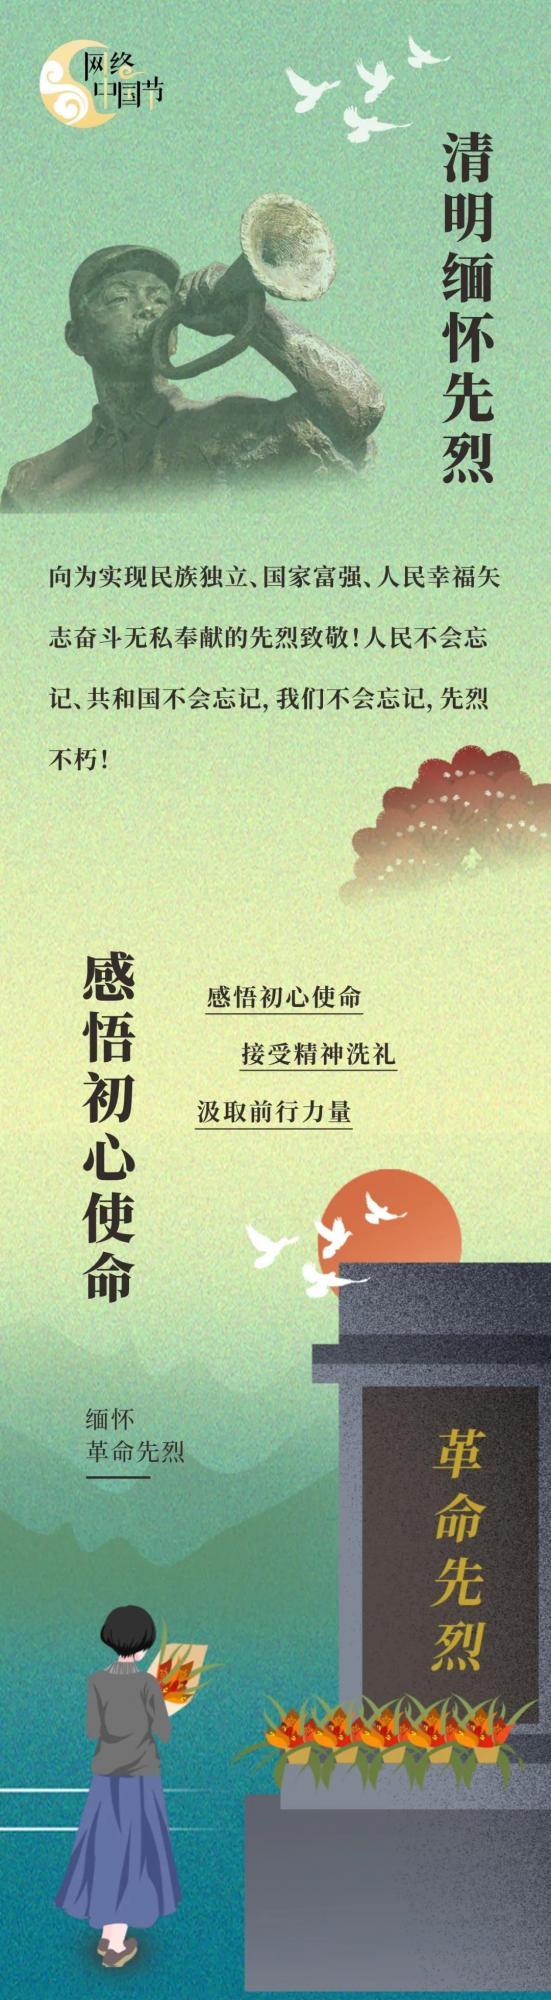 【網絡中國節·清明】清明緬懷先烈